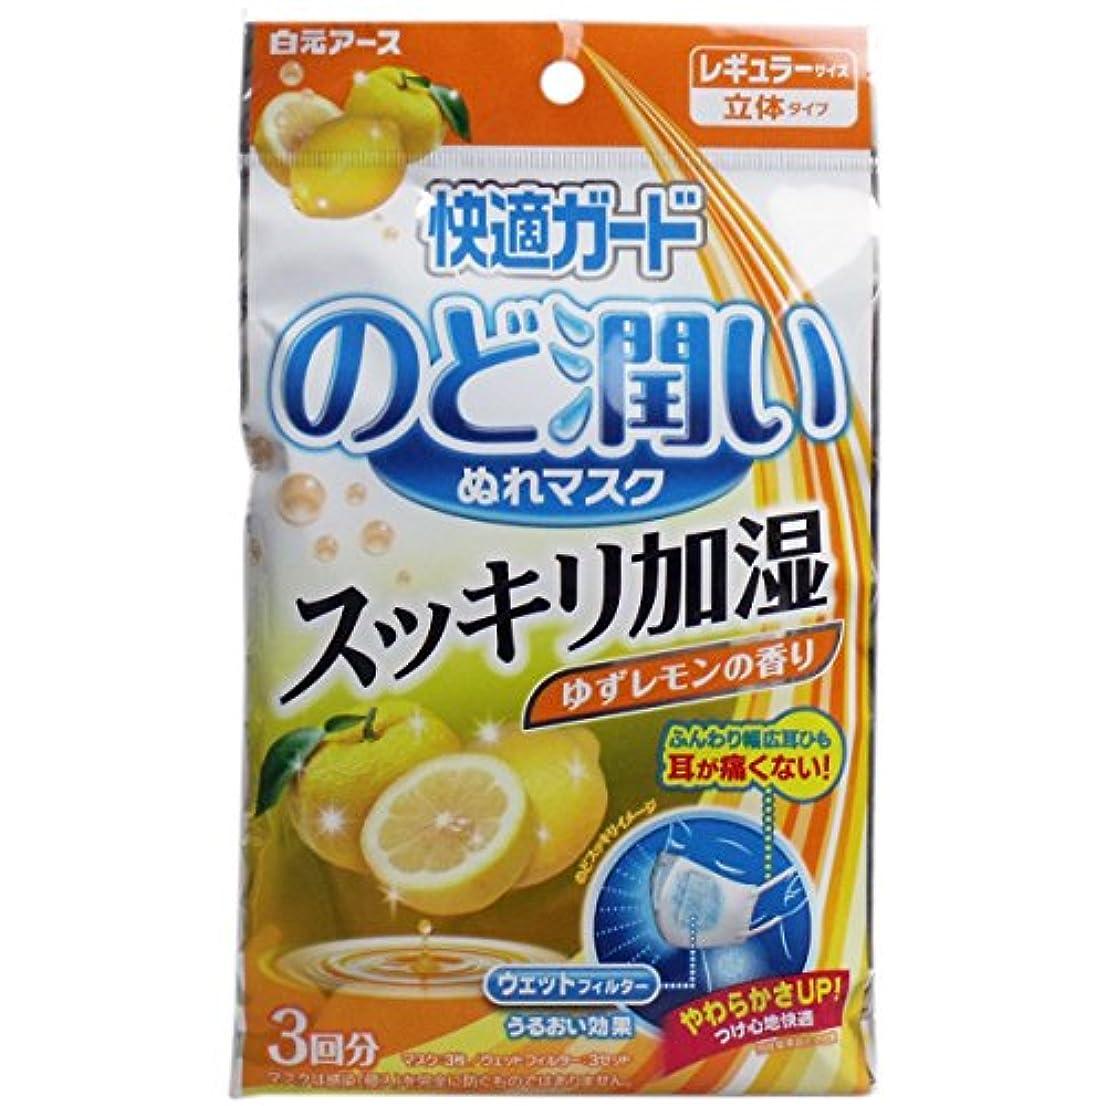 ゲート解釈的野心【まとめ買い】快適ガード のど潤いぬれマスク ゆずレモンの香り レギュラーサイズ 3セット入 × 10個